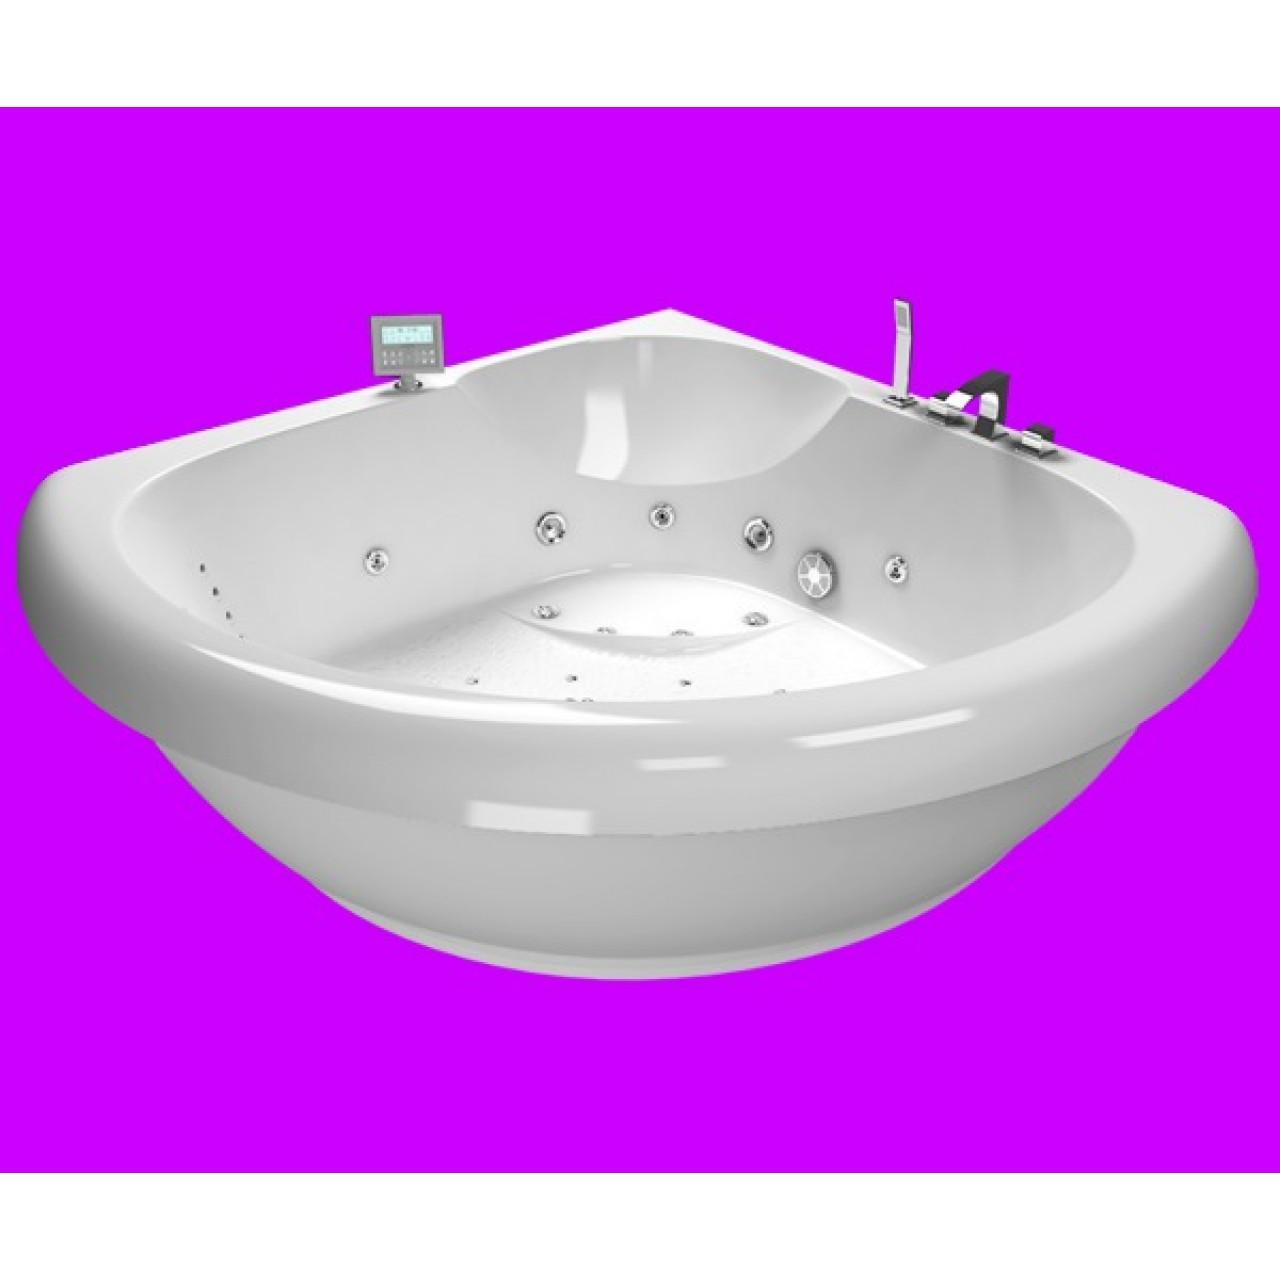 Акриловая ванна Акватика Тема 3D 150x150x66 купить в Москве по цене от 203752р. в интернет-магазине mebel-v-vannu.ru